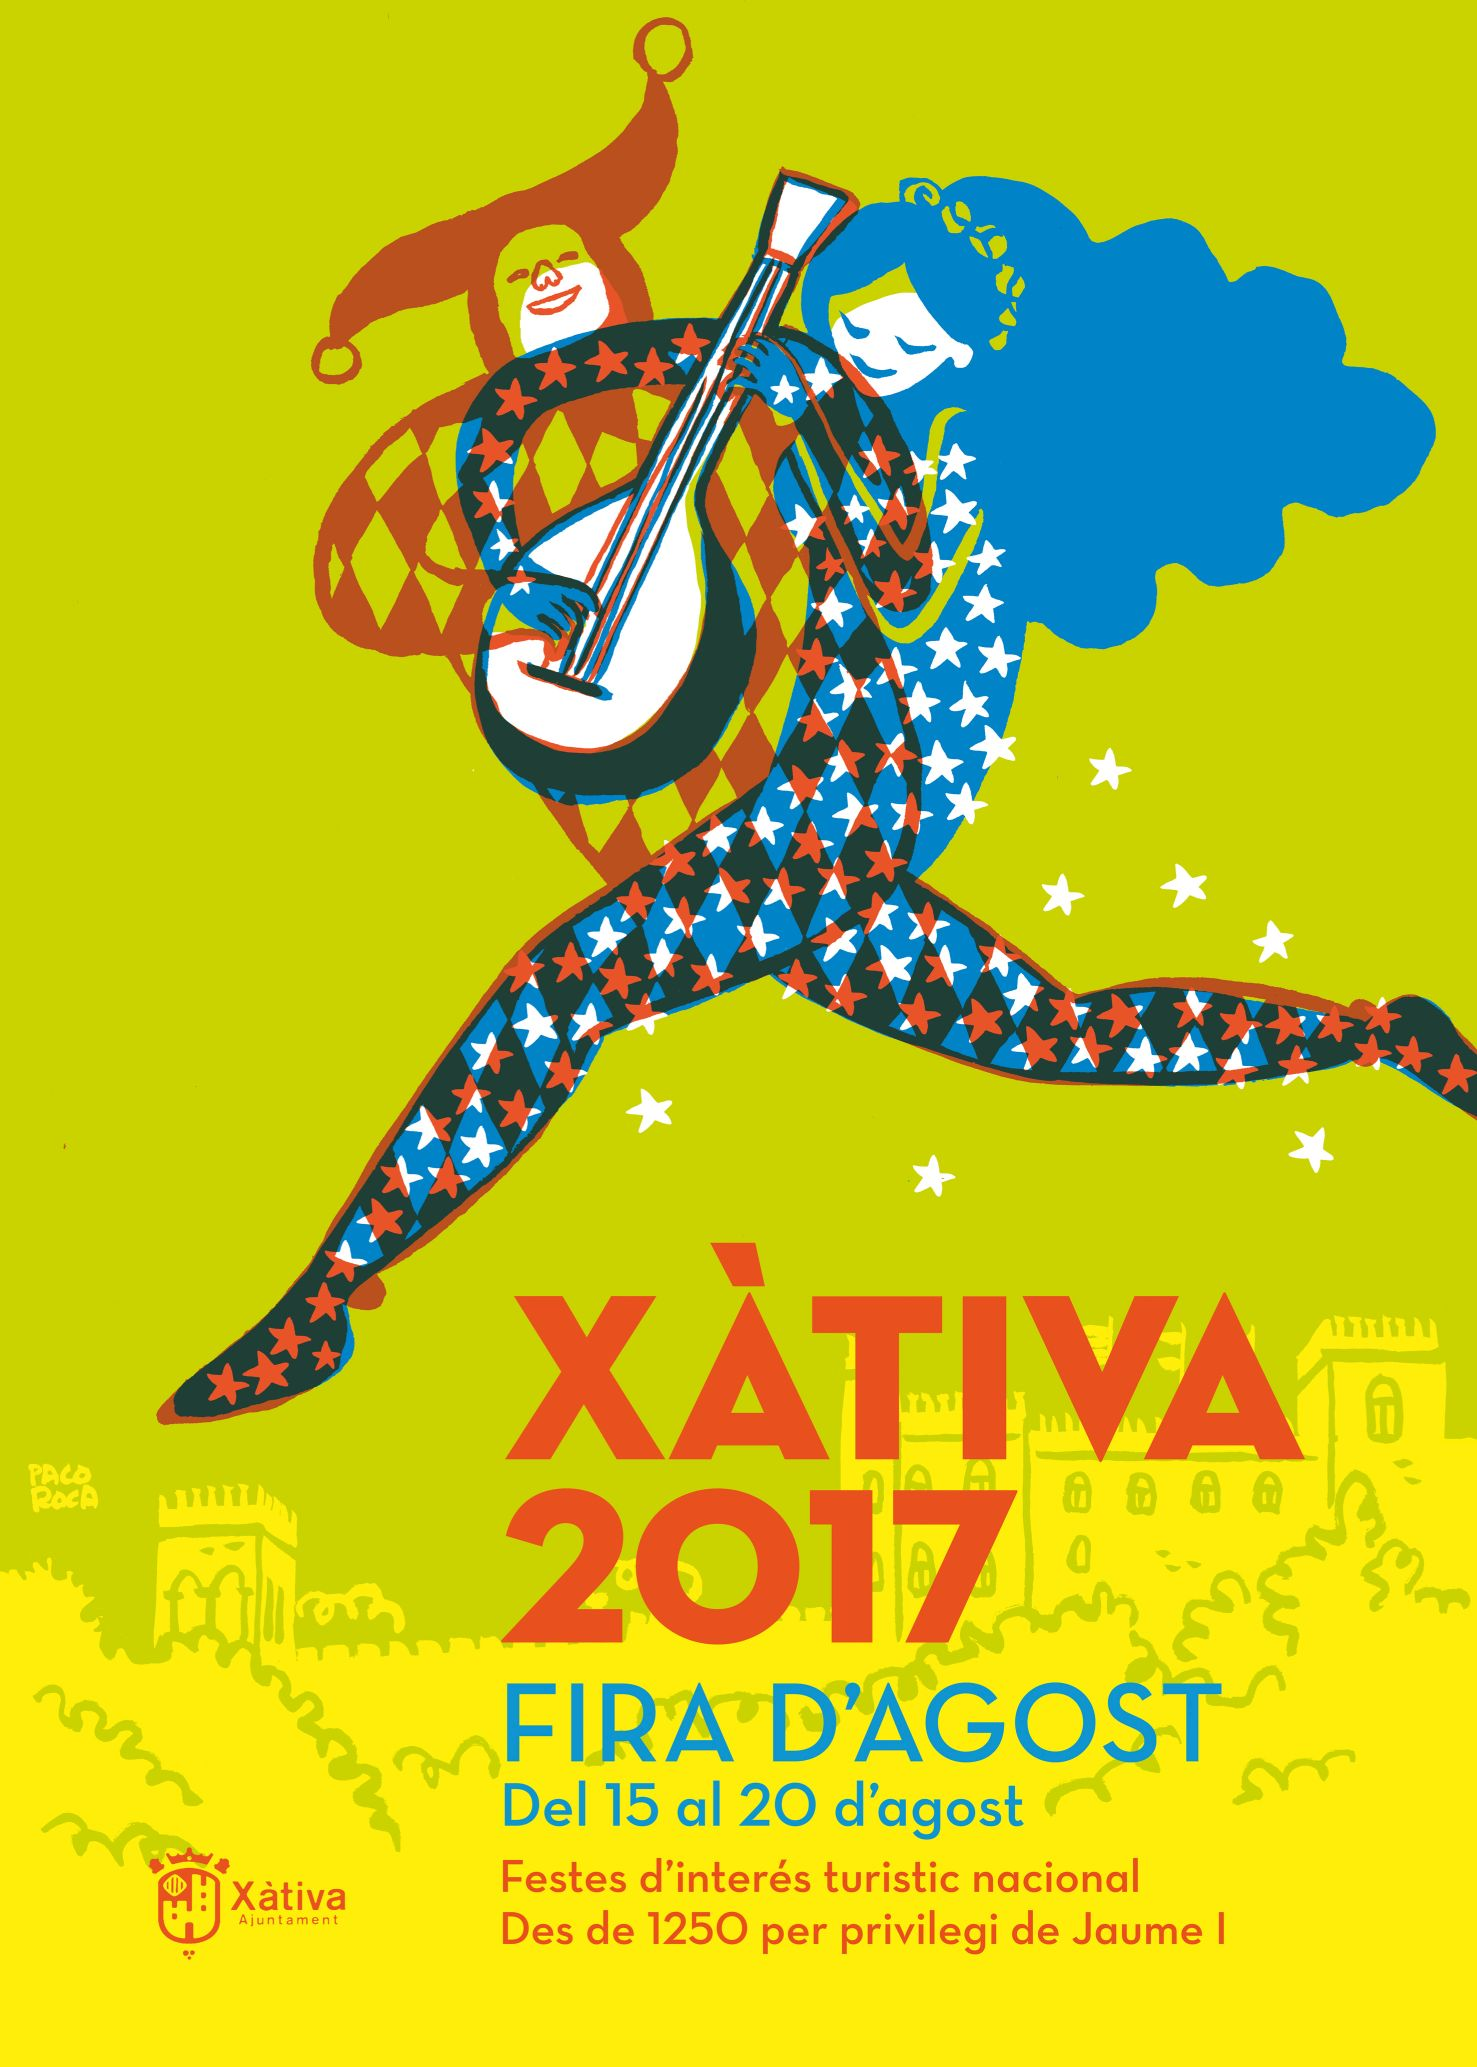 Cartel Fira d'Agost Xàtiva 2017